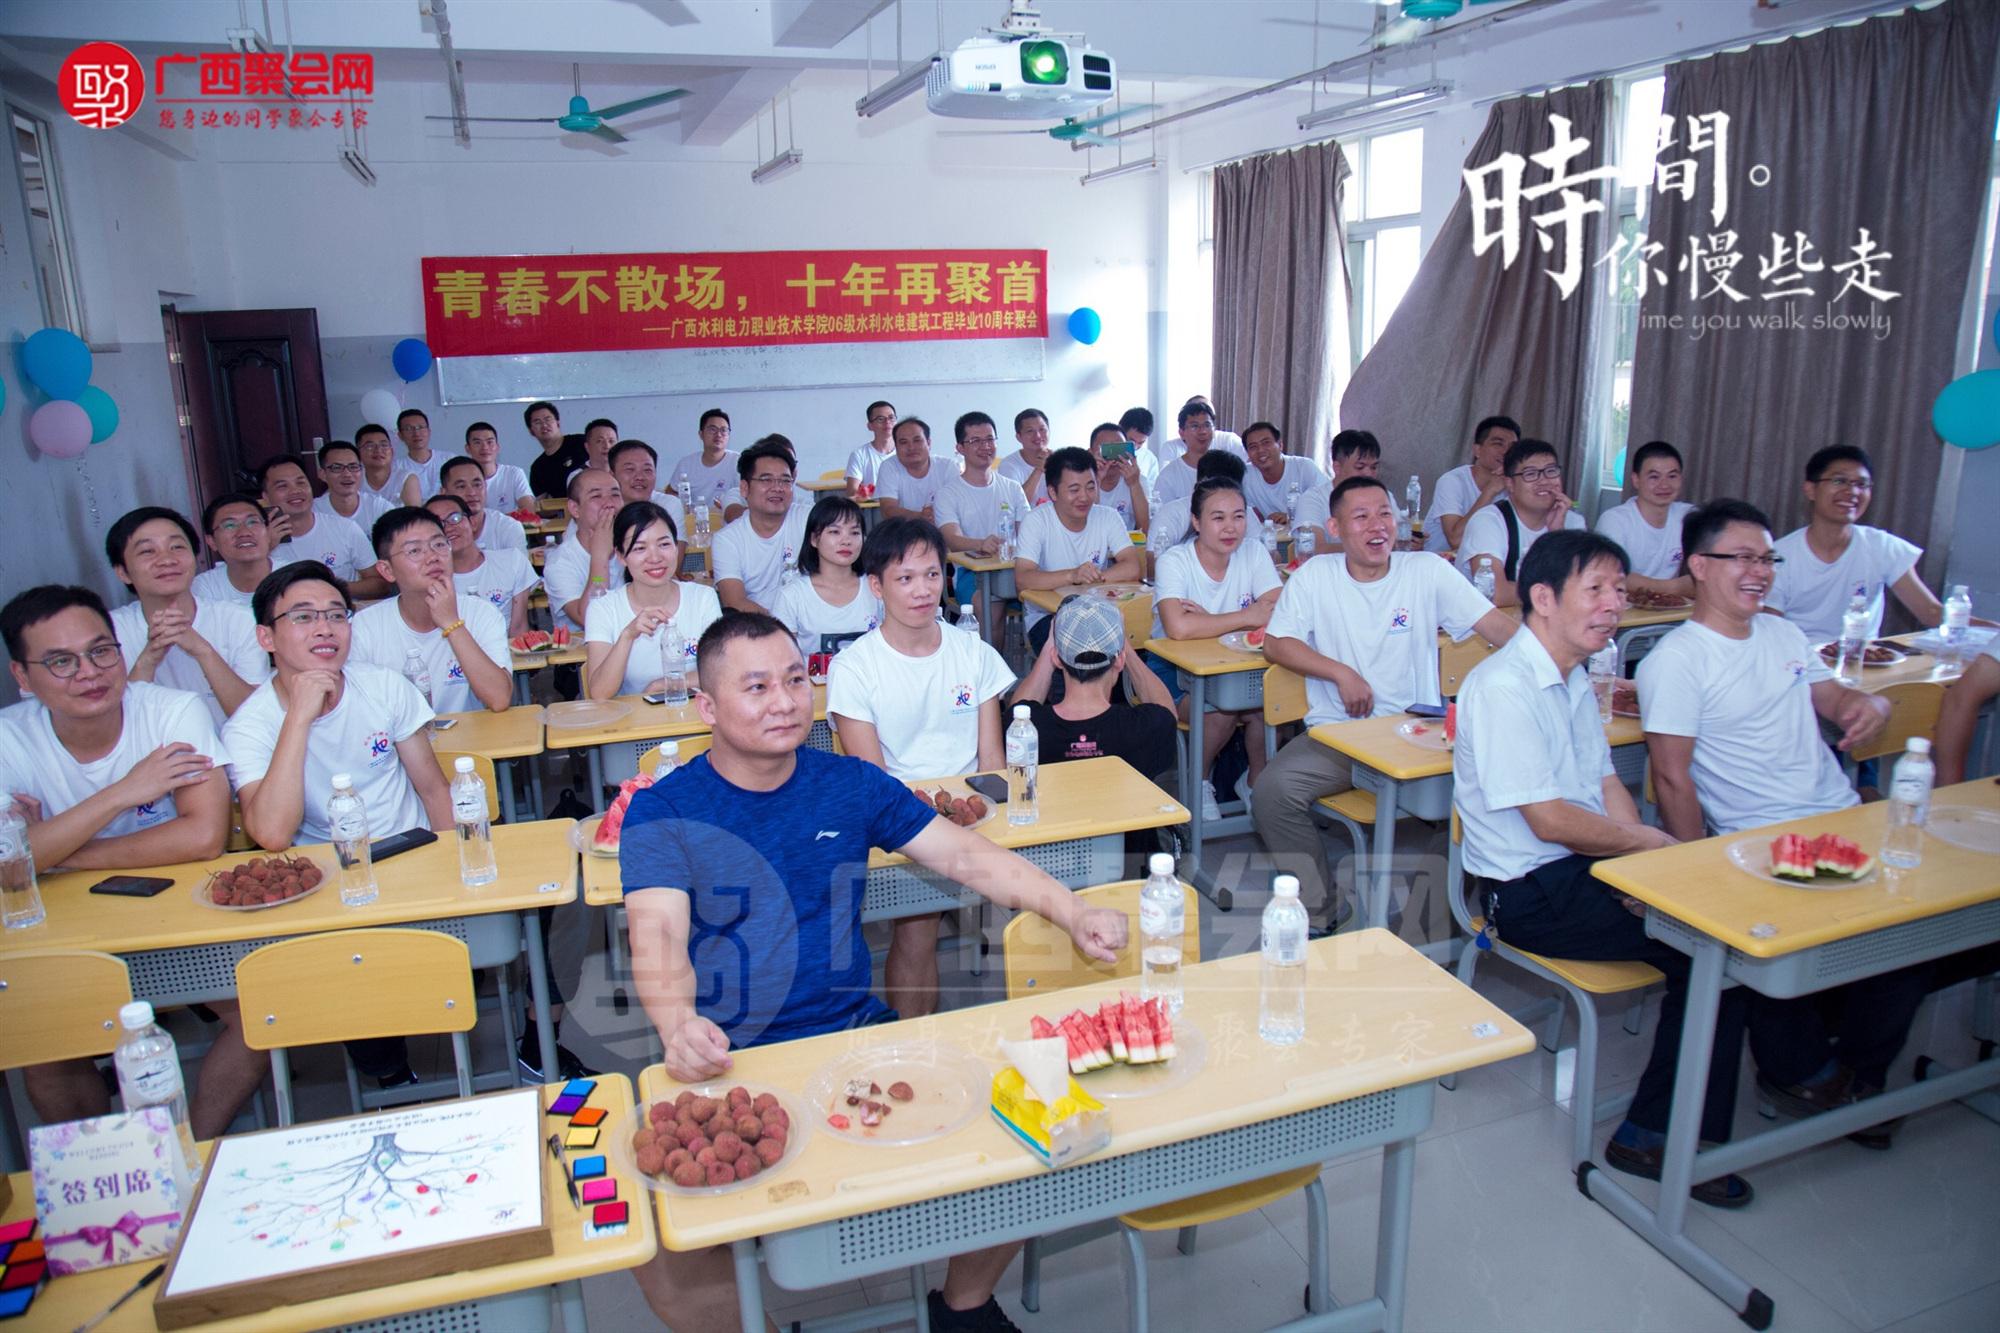 广西水利电力职业技术学院06级水利水电建筑工程毕业10周年